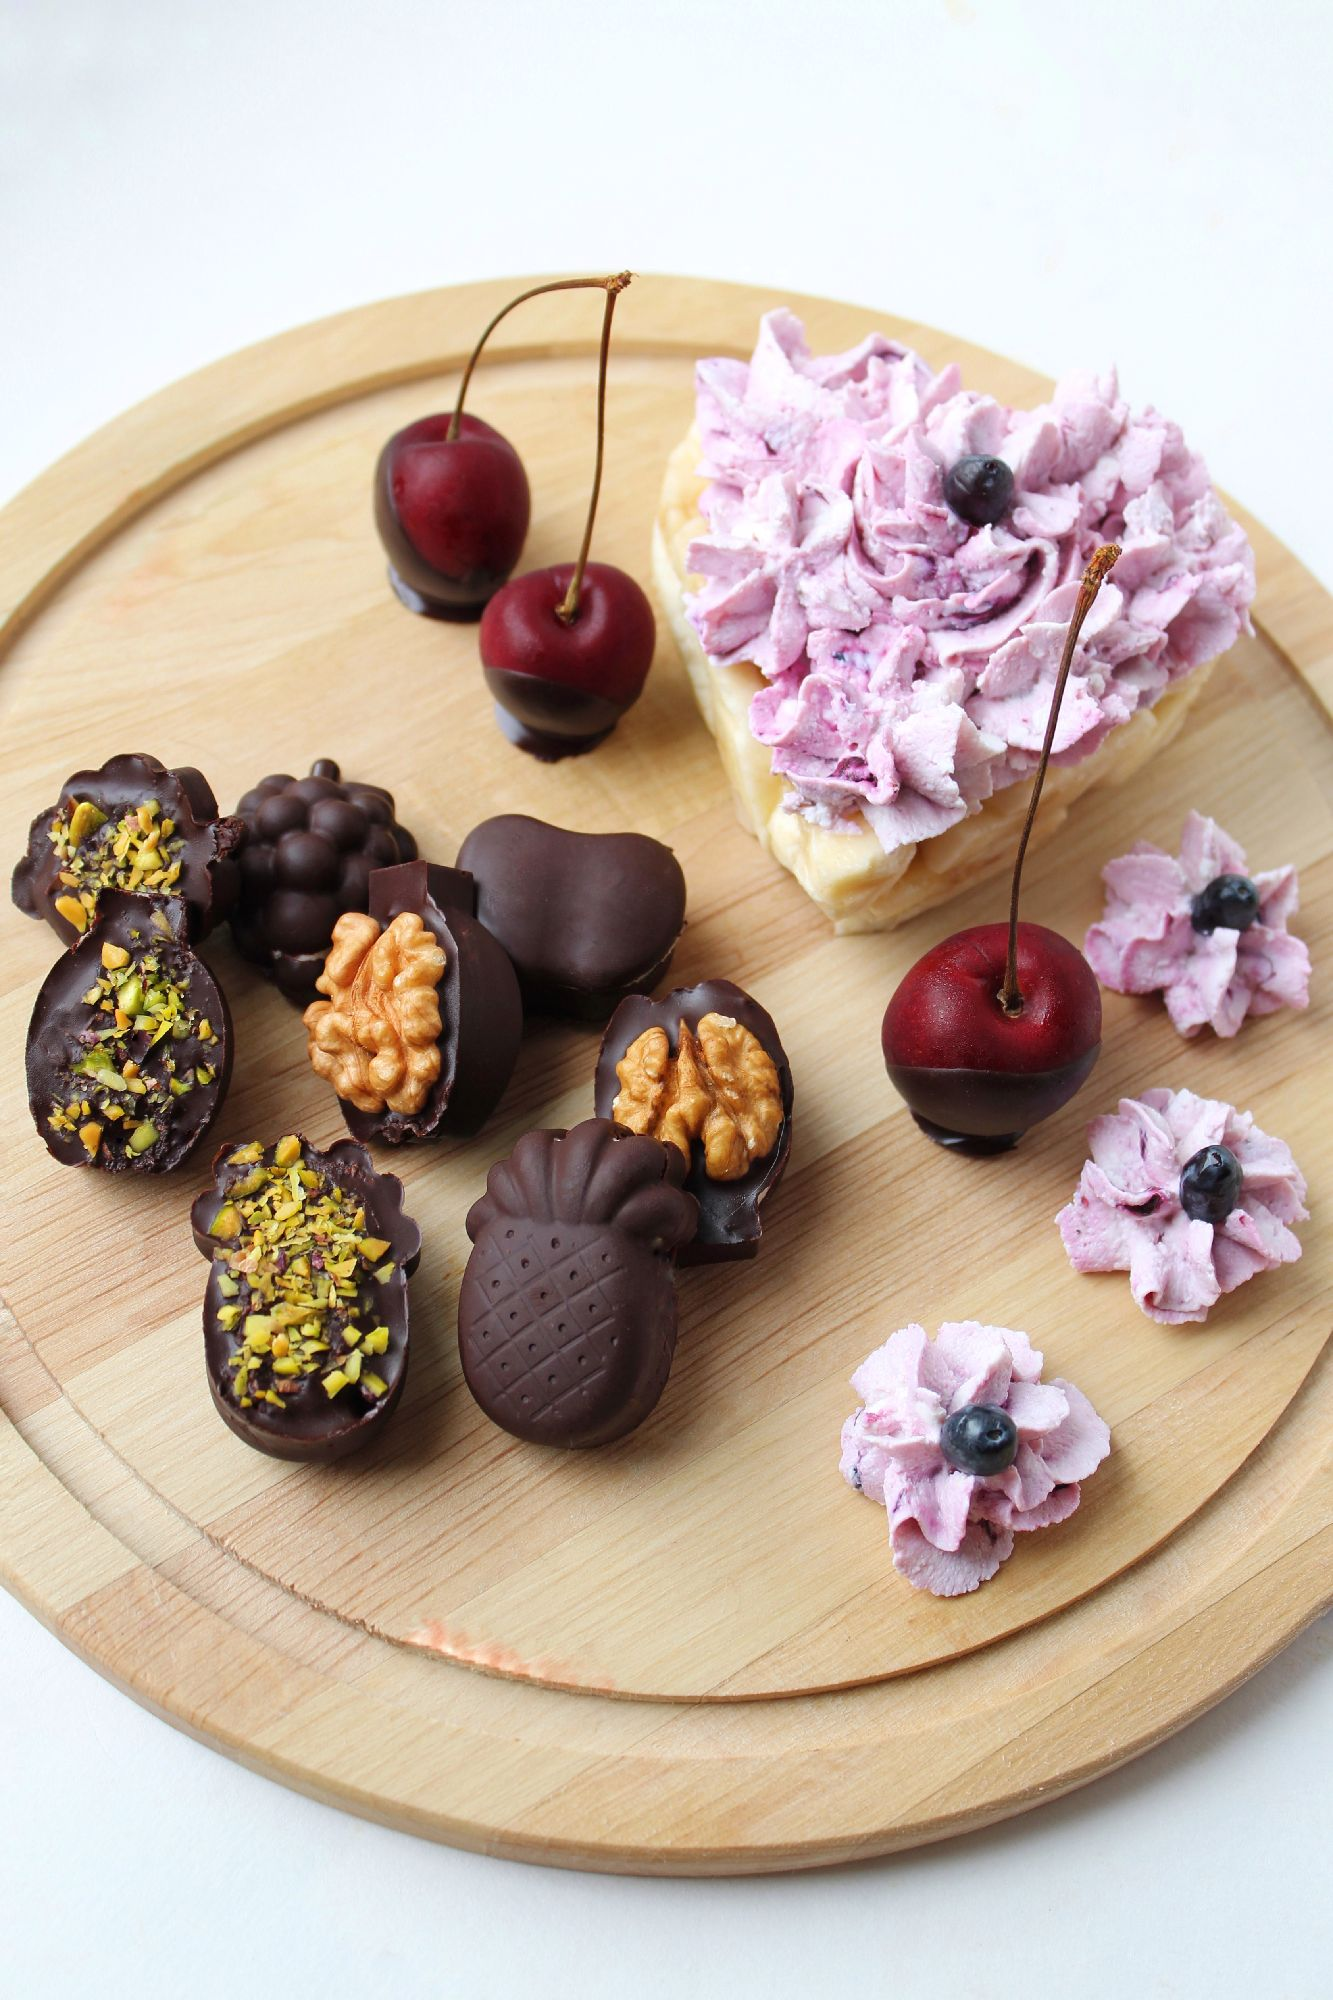 Несколько конфет для двух персон. Вкус лета специально для #вкусныйавгуст. 20г какао порошка нагреть на водяной бане с ложкой кокосового масла, полученный шоколад тонким слоем залить в силиконовую формочку, оставить в морозилке до затвердевания.